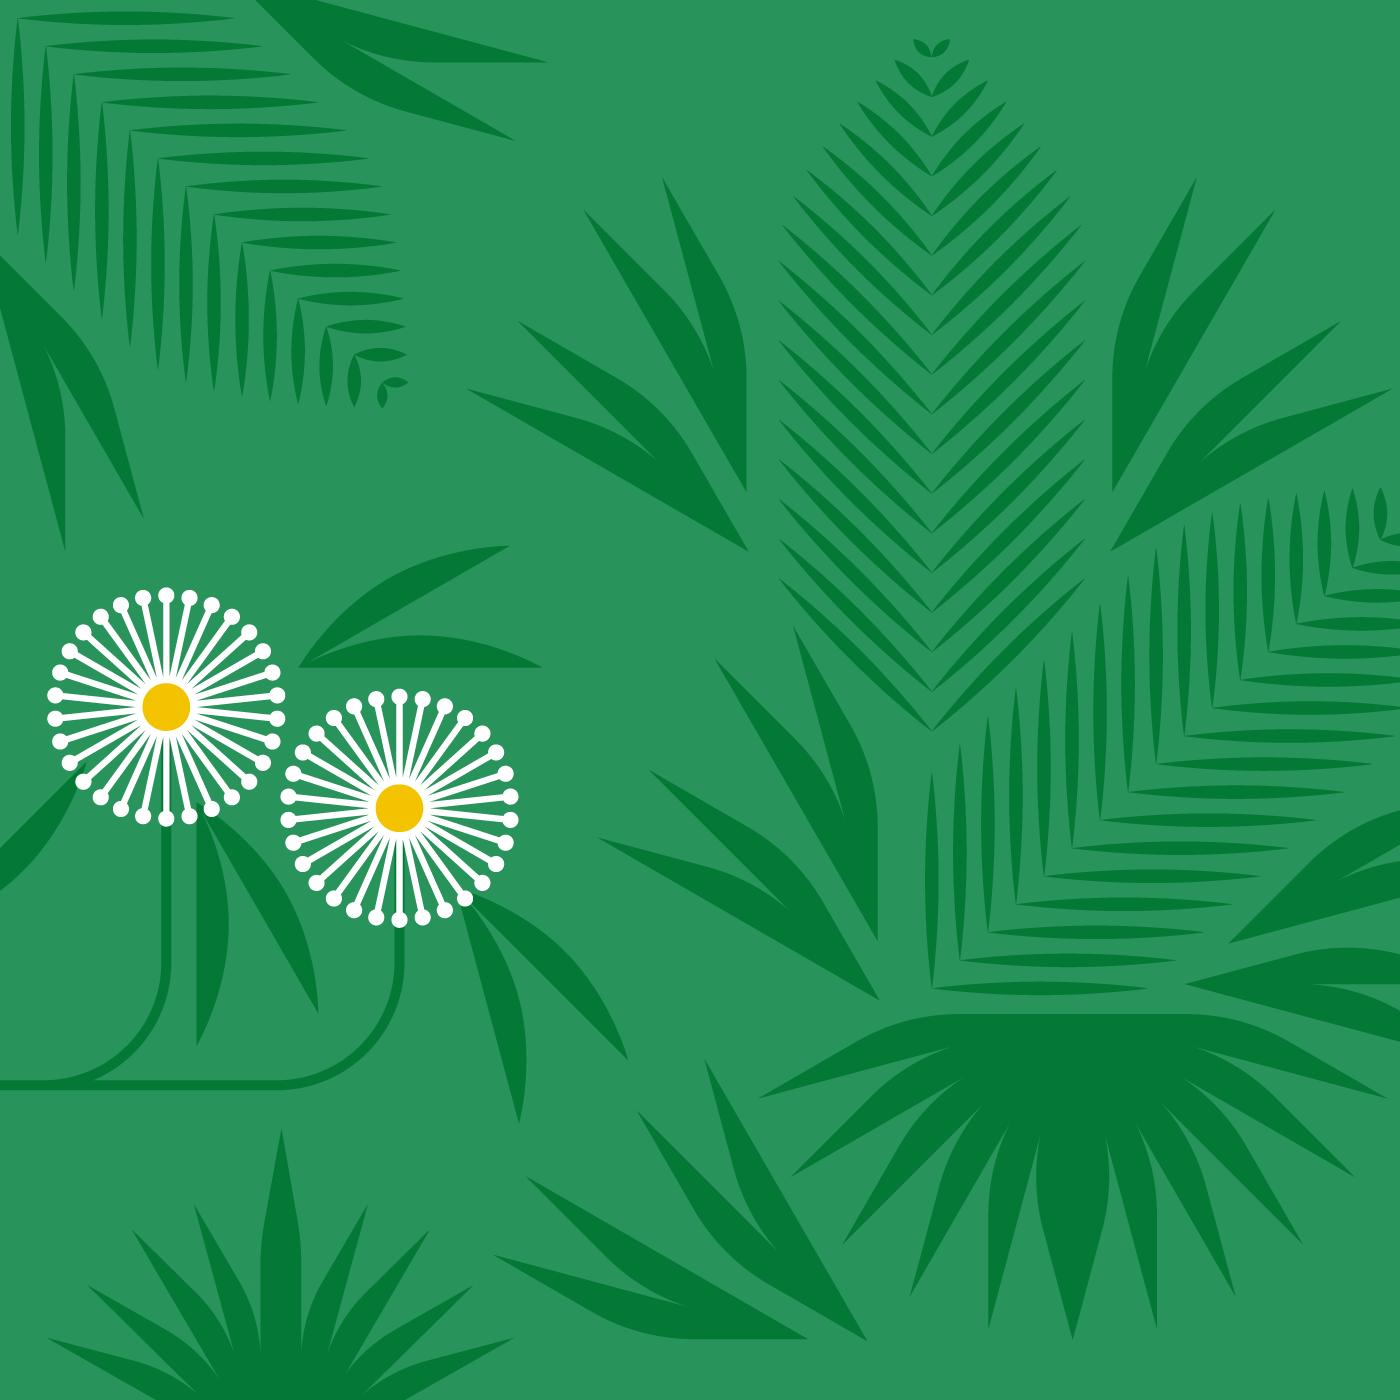 01-mville-plants.png